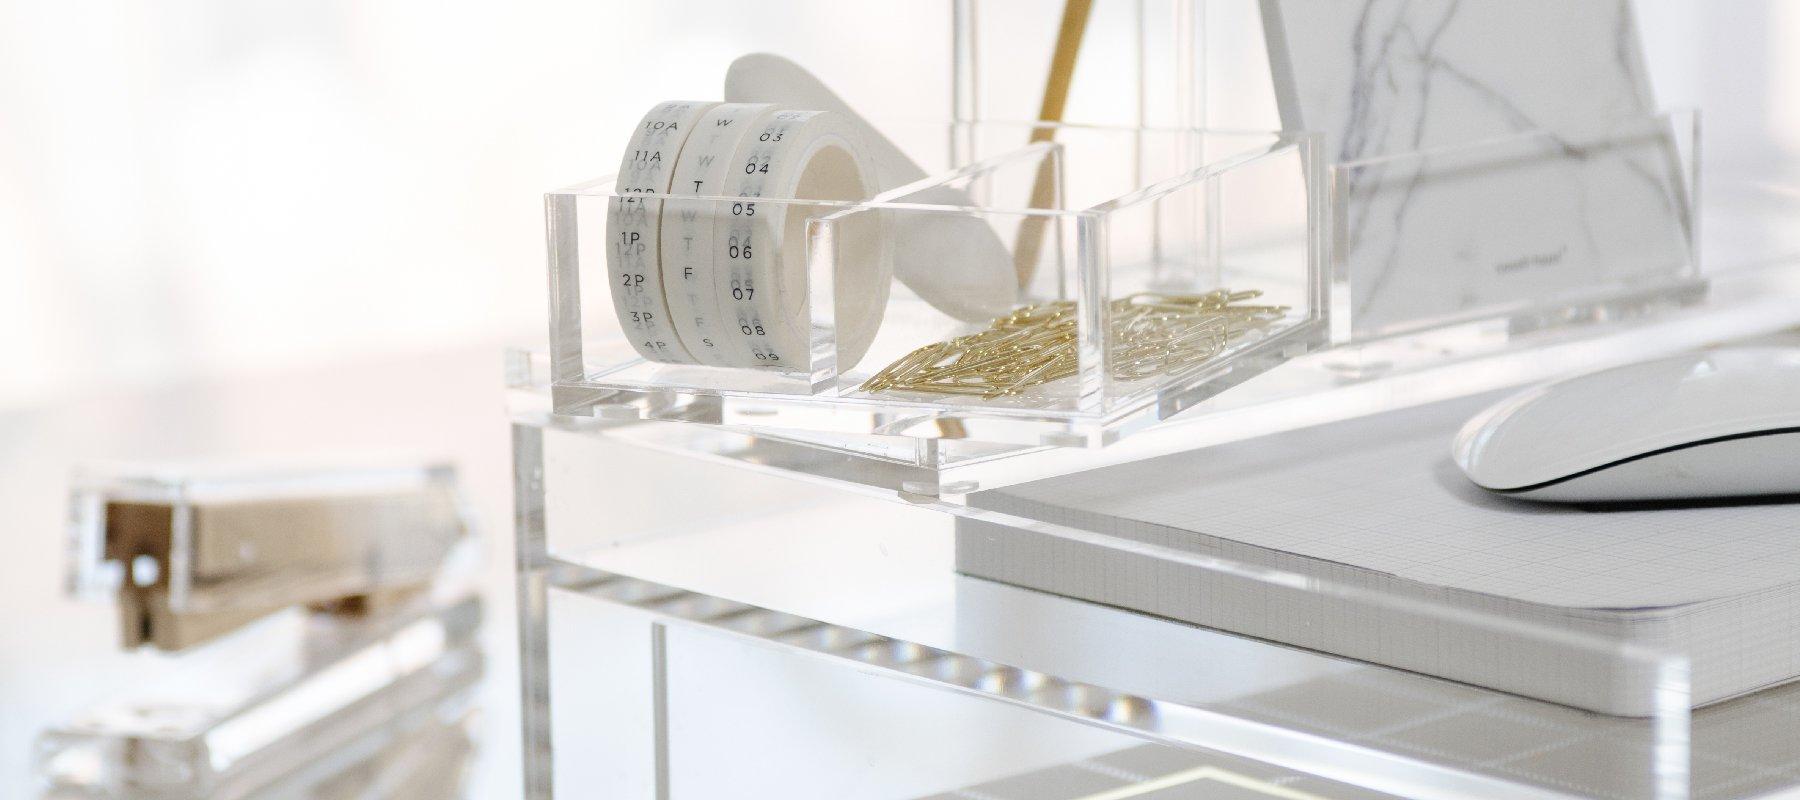 Acrylic Organization + Essentials  russell+hazel